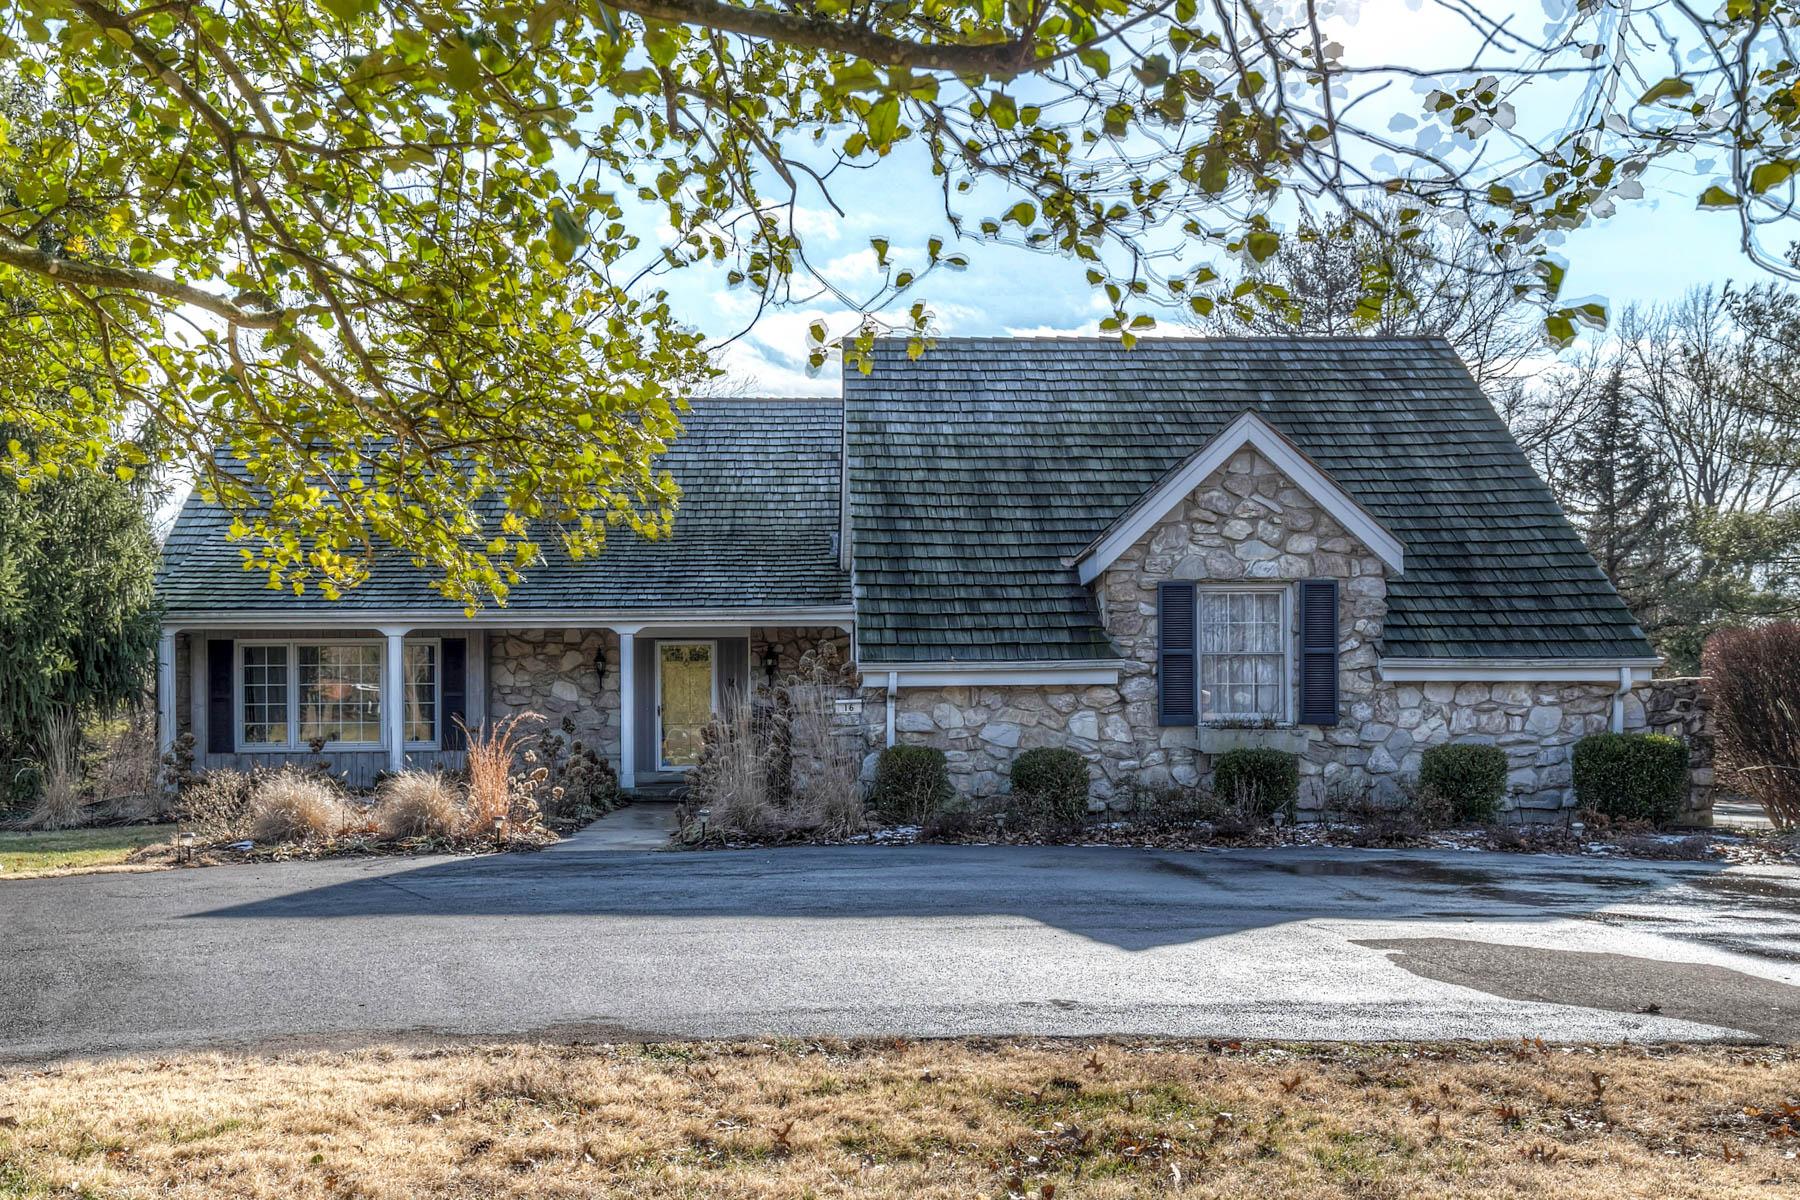 Maison unifamiliale pour l Vente à Roan Lane 16 Roan Lane Ladue, Missouri 63124 États-Unis